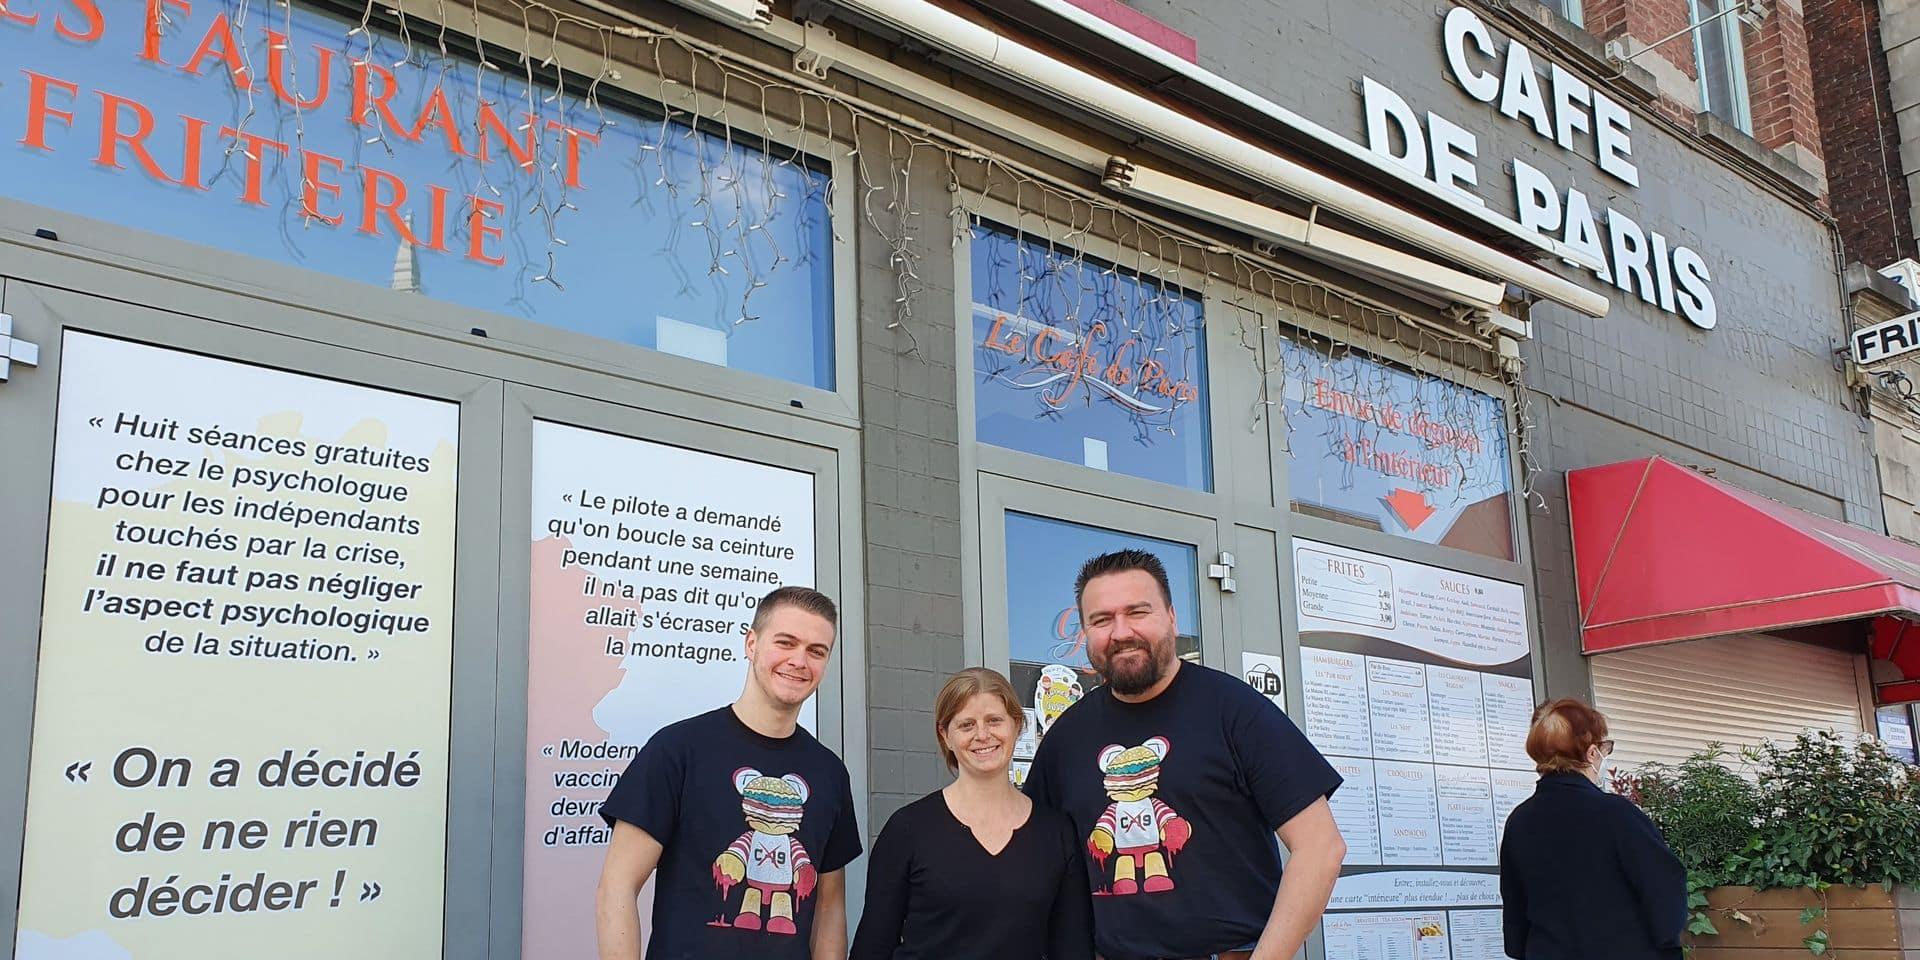 """Grégory Dinoir, gérant du Café de Parisà Tournai : """"Mener une nouvelle bataille pour ouvrir une semaine plus tôt n'a pas d'intérêt"""""""